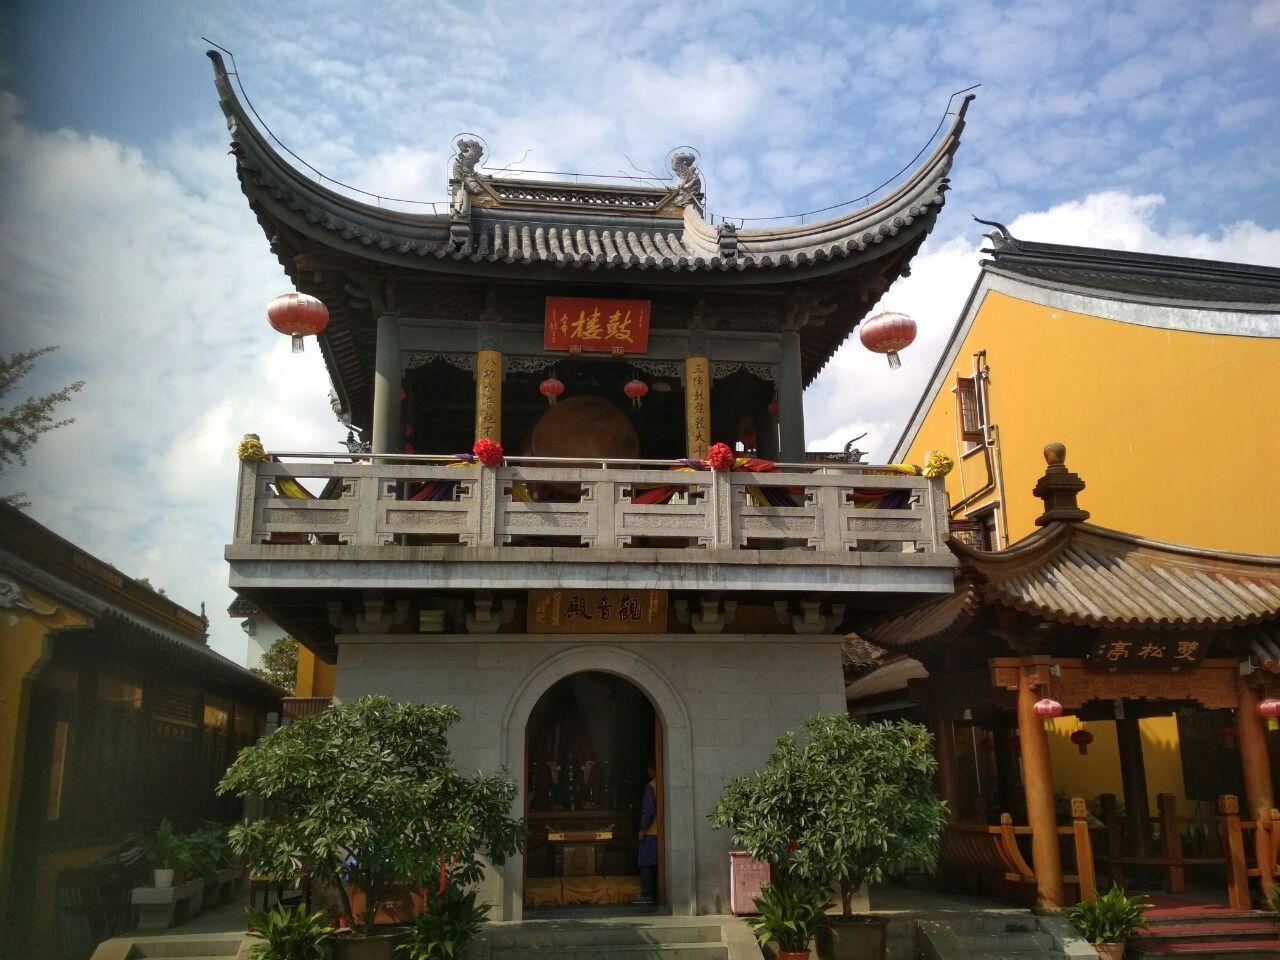 西林禅寺旅游景点攻略图图片